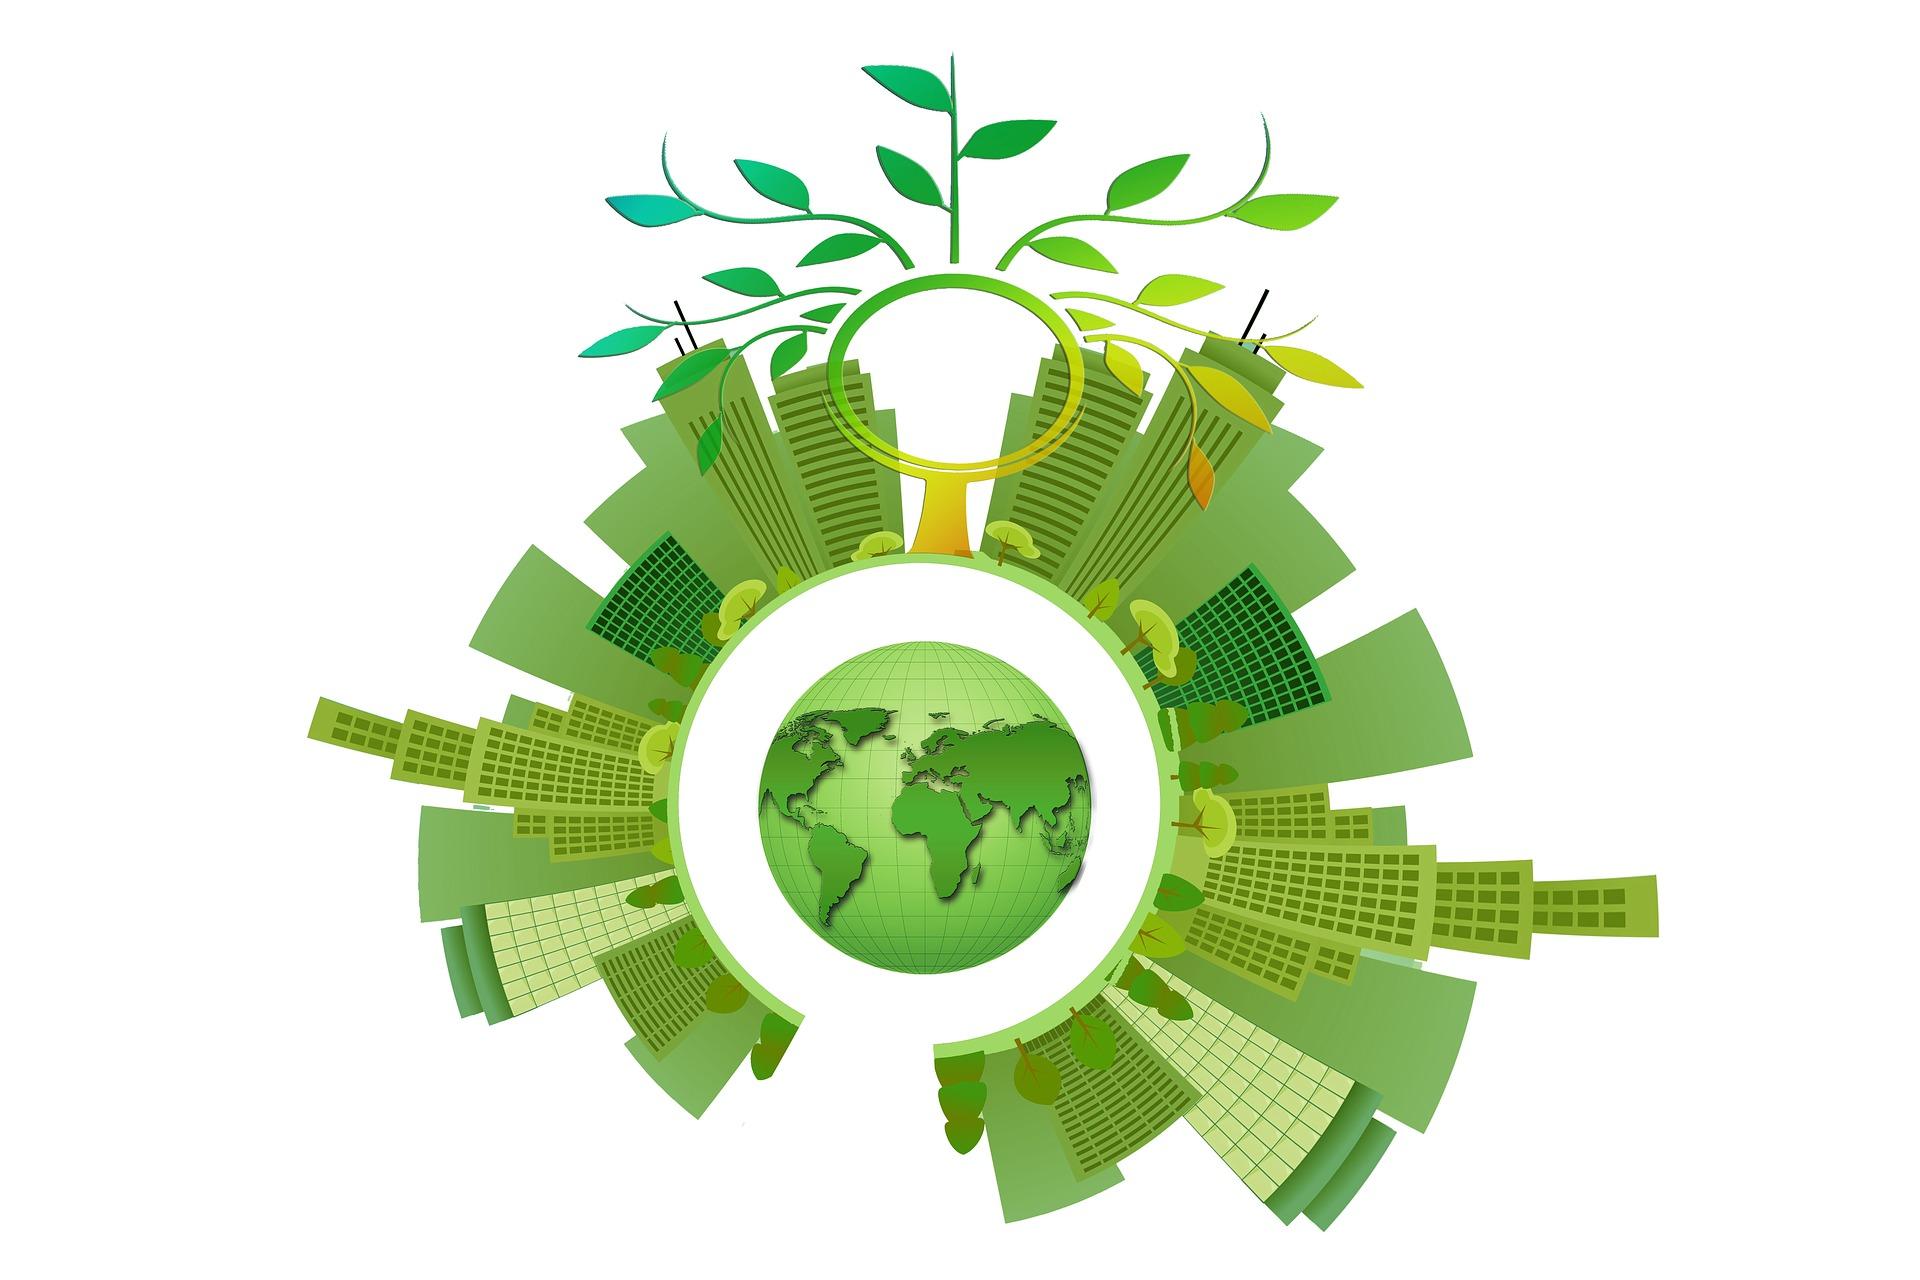 Sorveglianza per Impianti Biogas